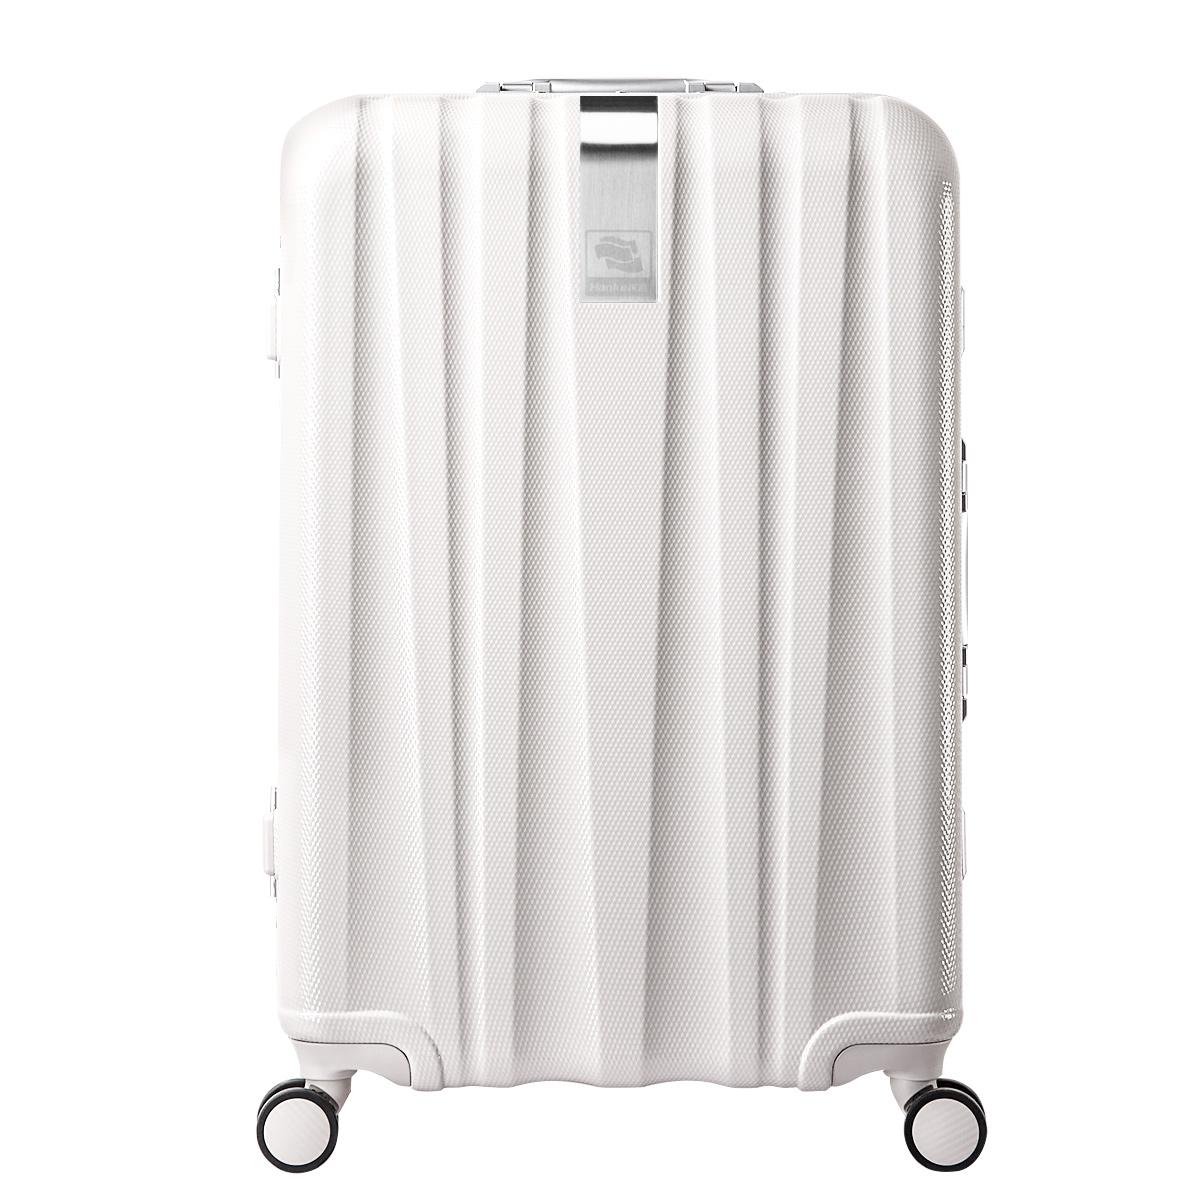 寸 20 小型 24 箱子行李箱学生高中 26 旅行箱 22 汉客铝框拉杆箱女万向轮